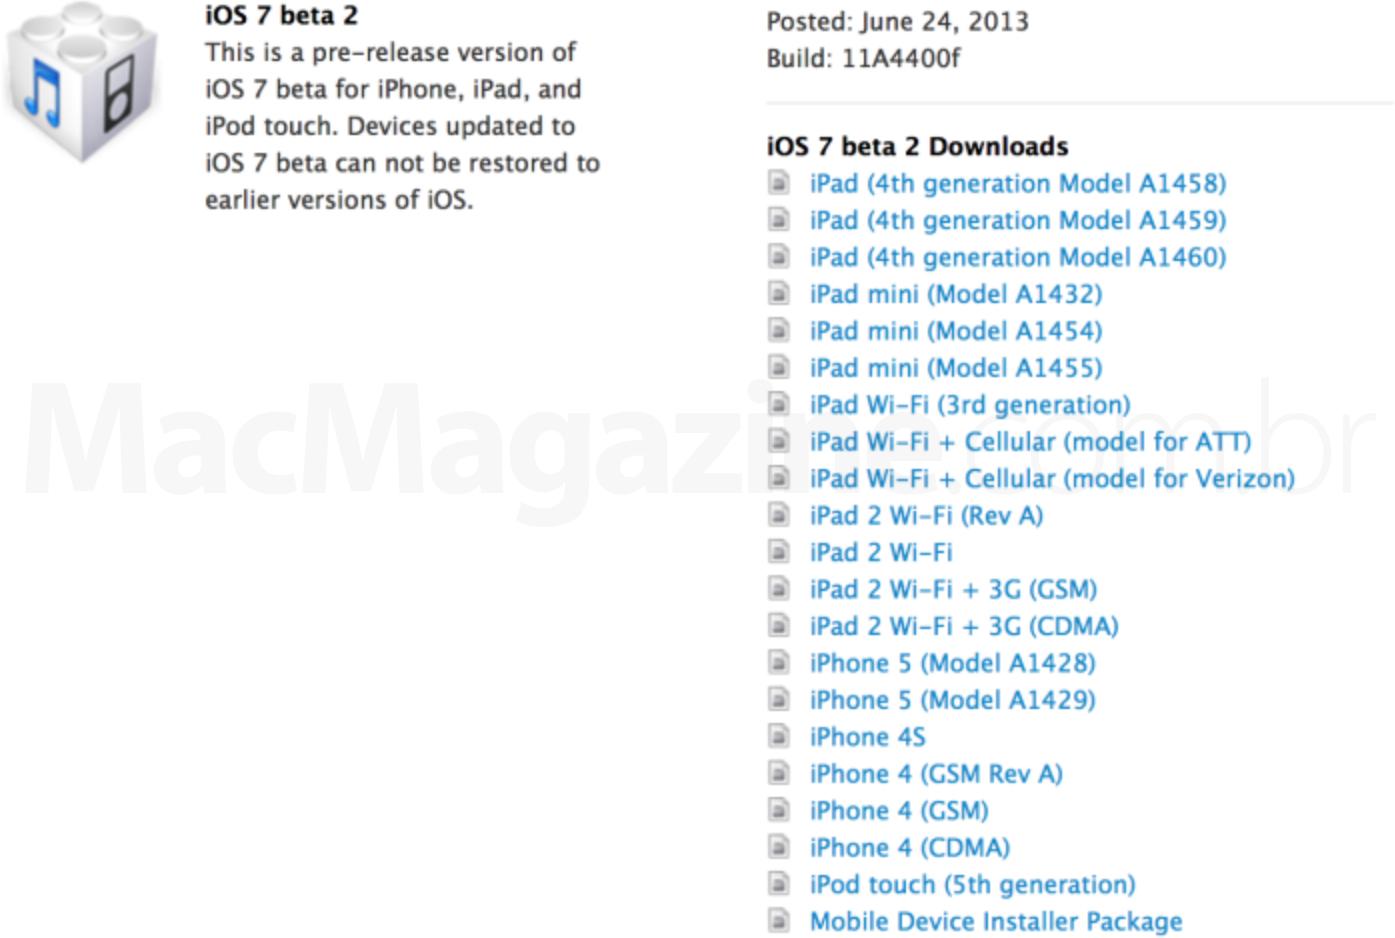 iOS Dev Center - iOS 7 beta 2